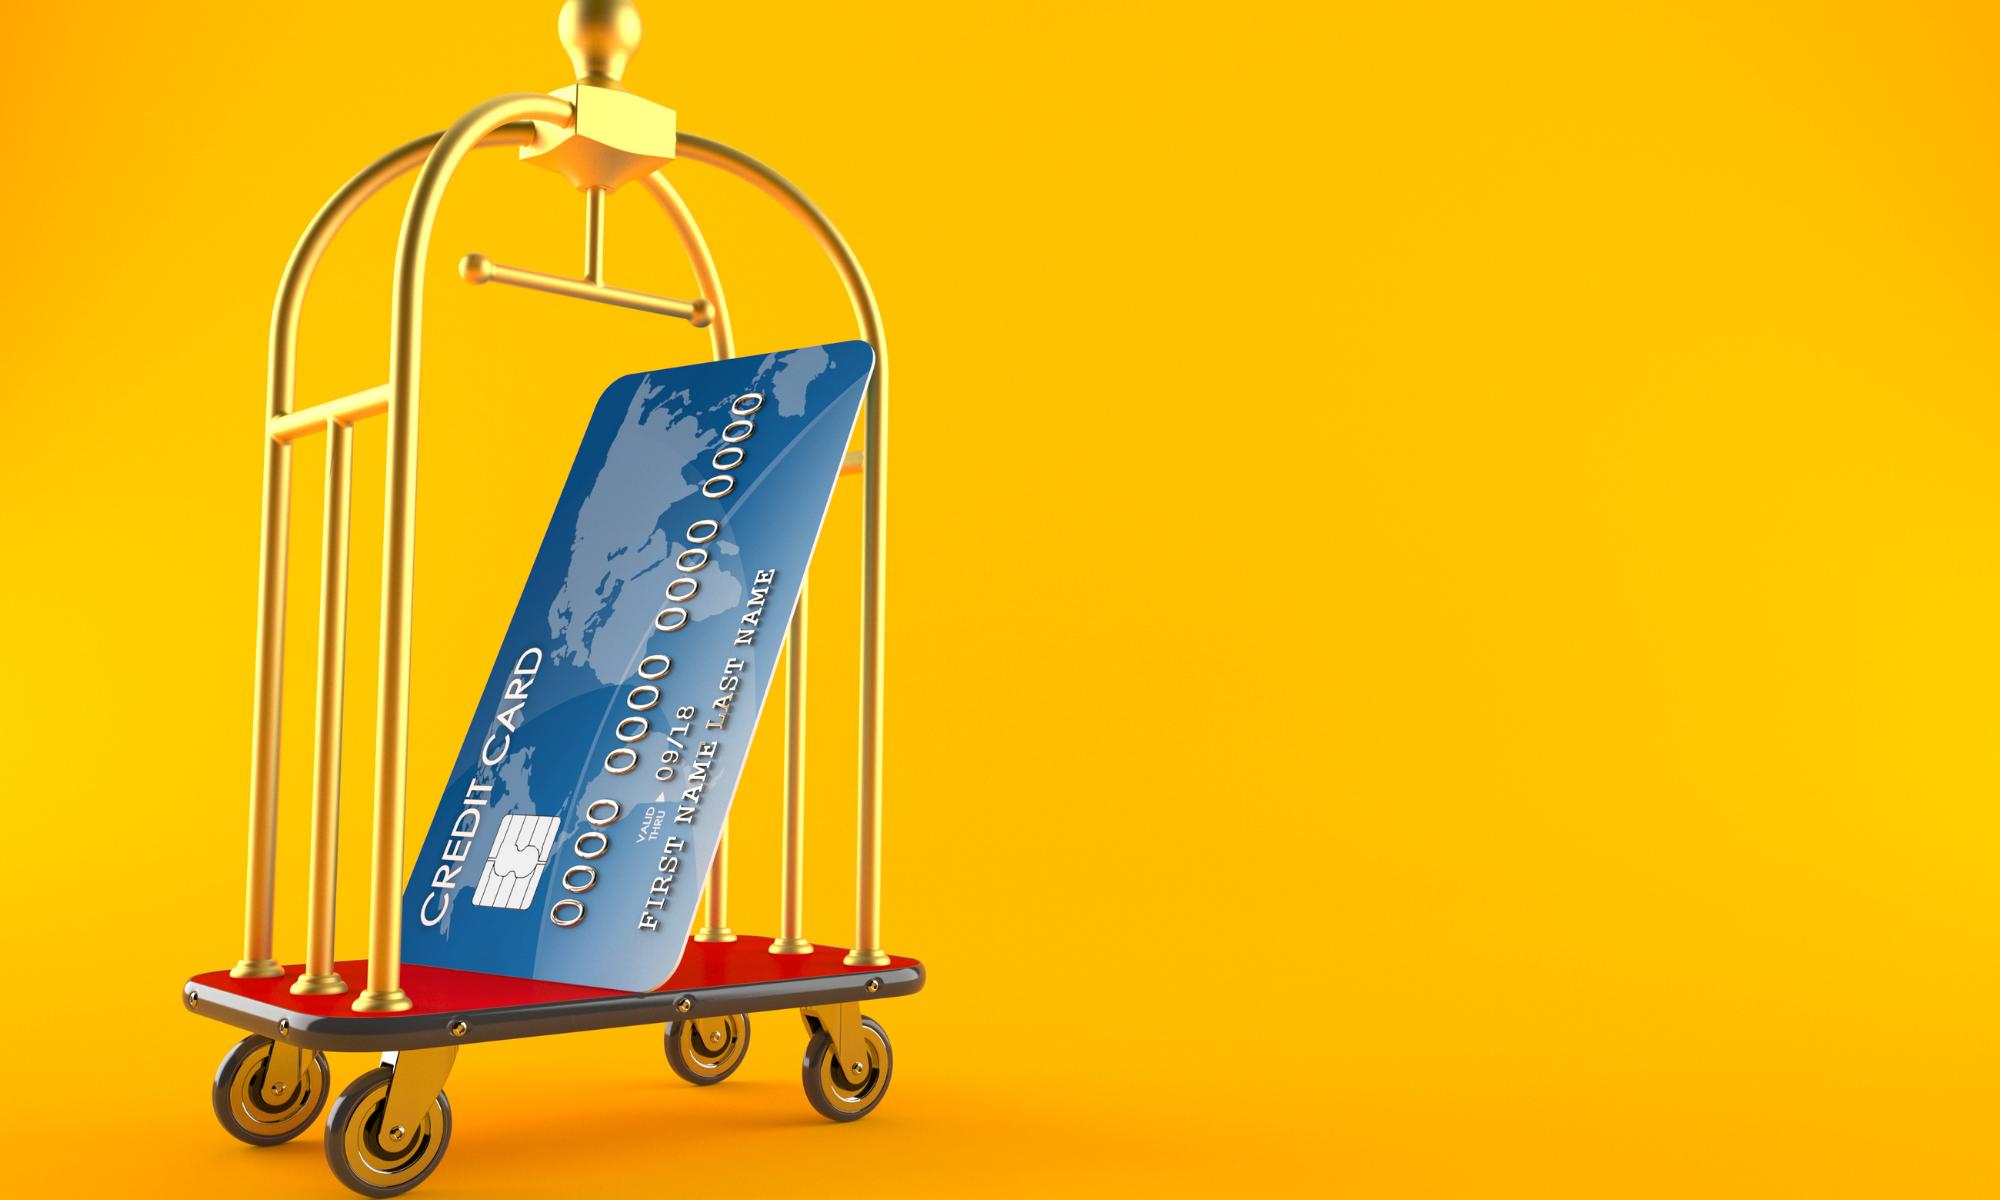 Veilig omgaanmet creditcardgegevens in je hotel, hoe zit dat?